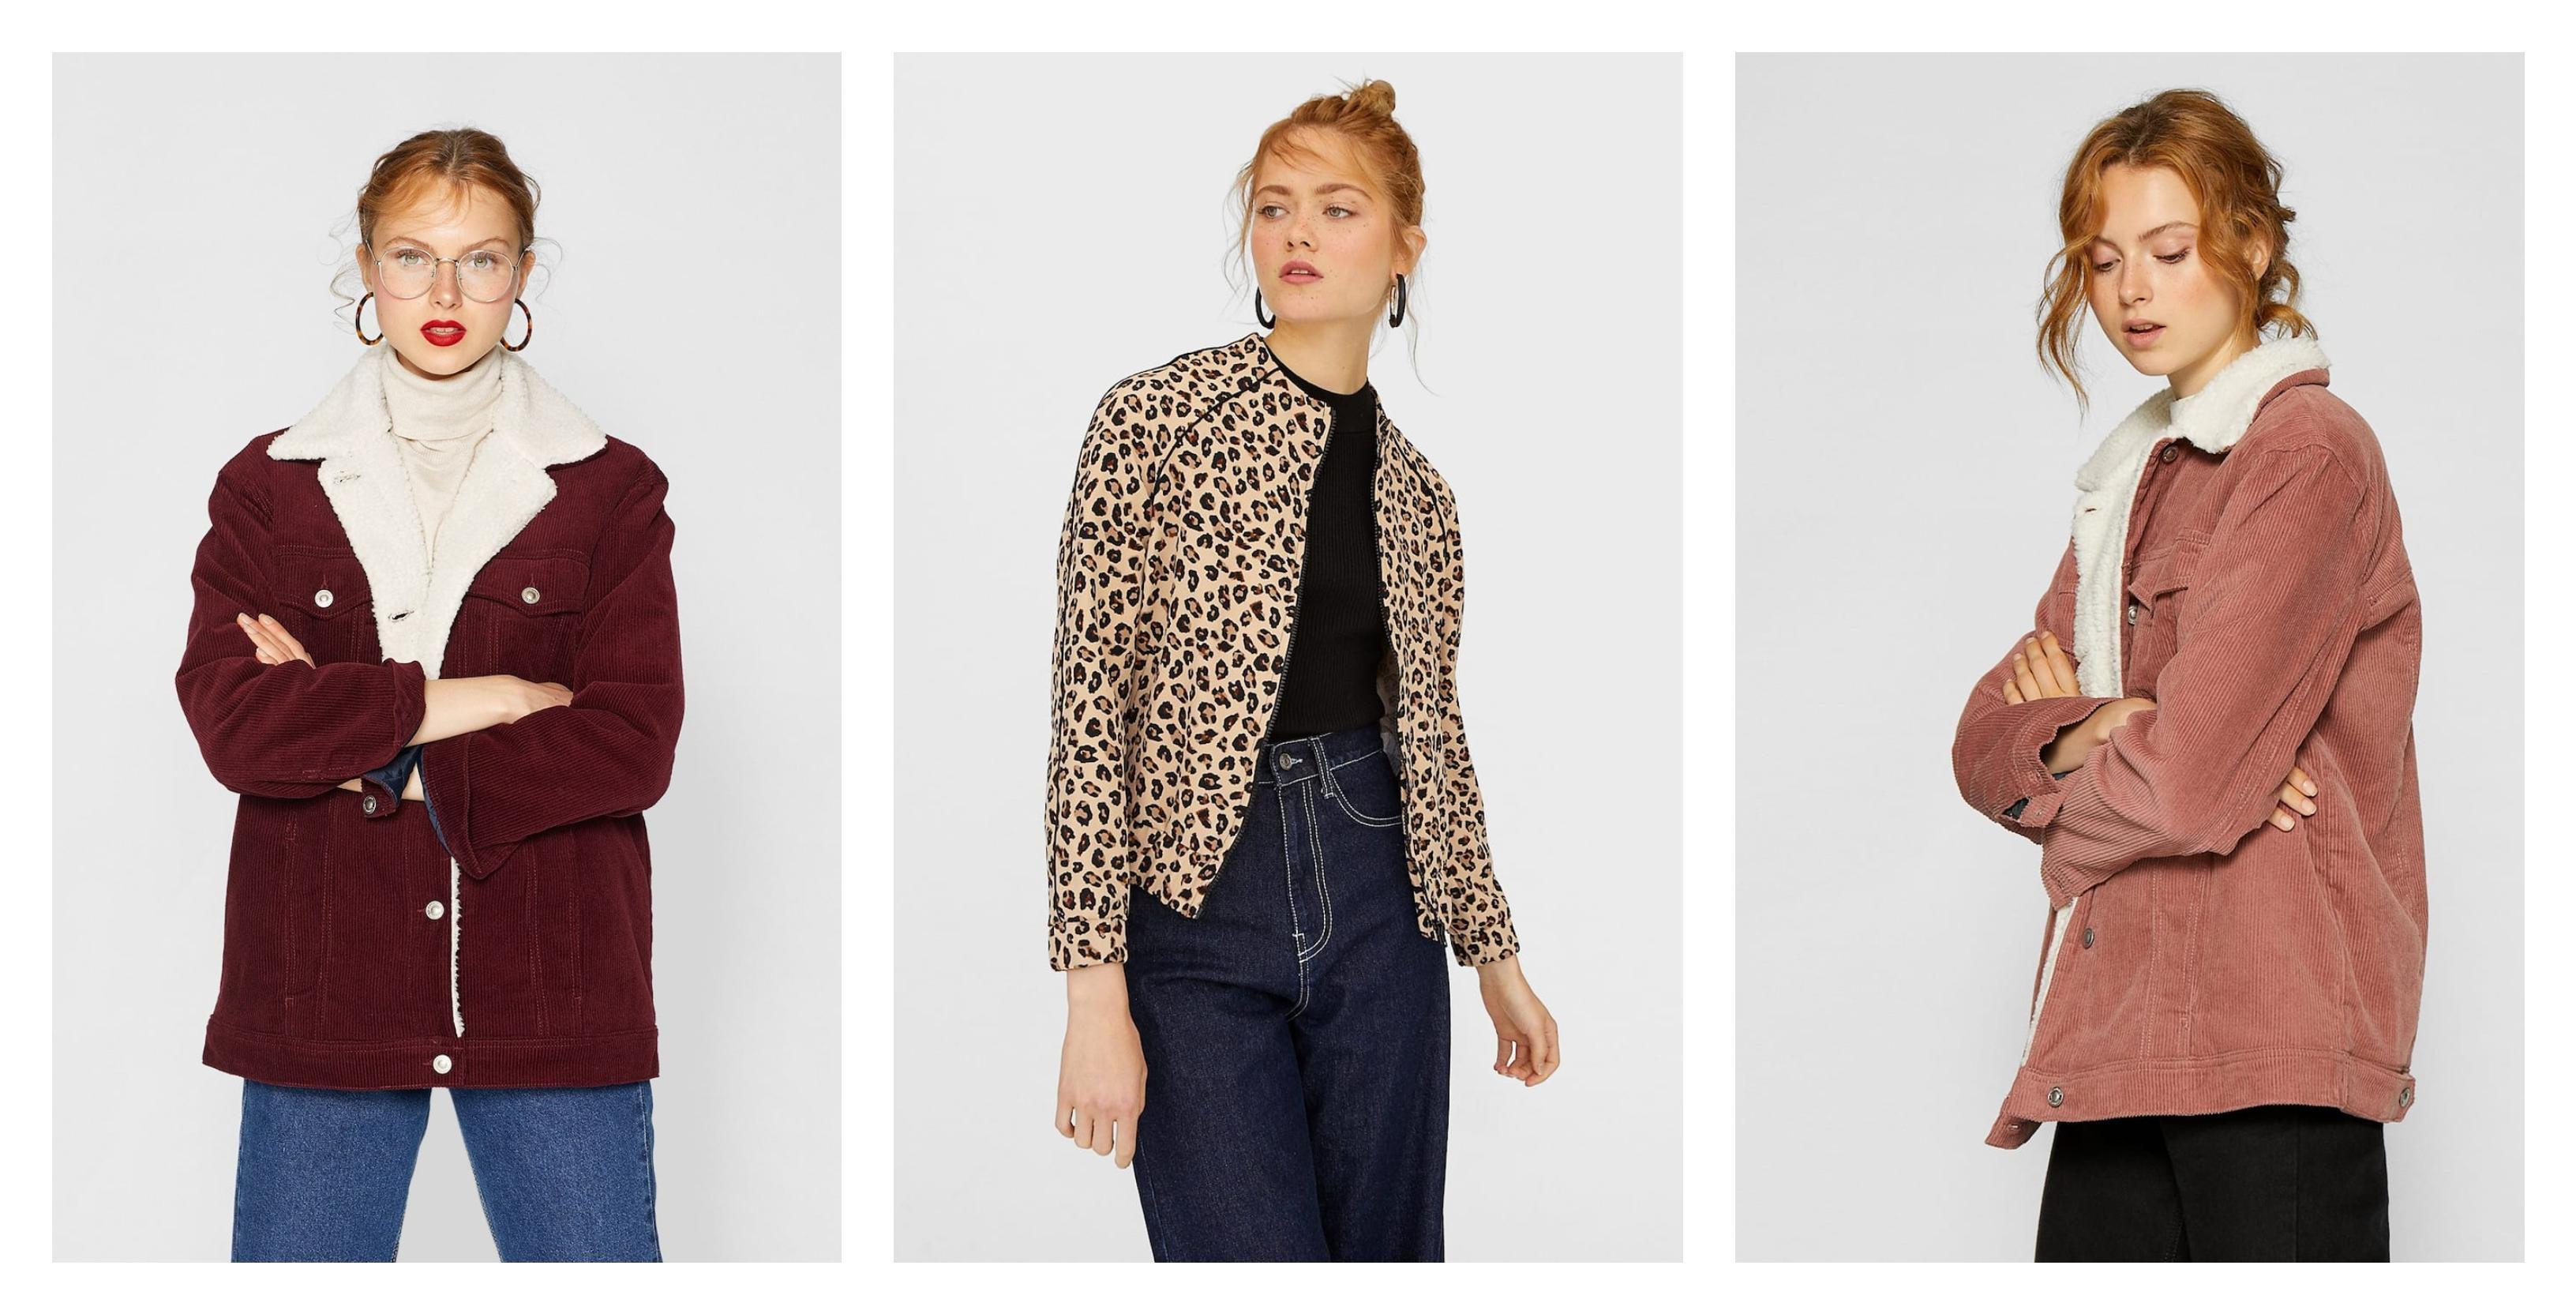 Vrijeme je za shopping: Izabrali smo najljepše jakne koje će se nositi ove jeseni